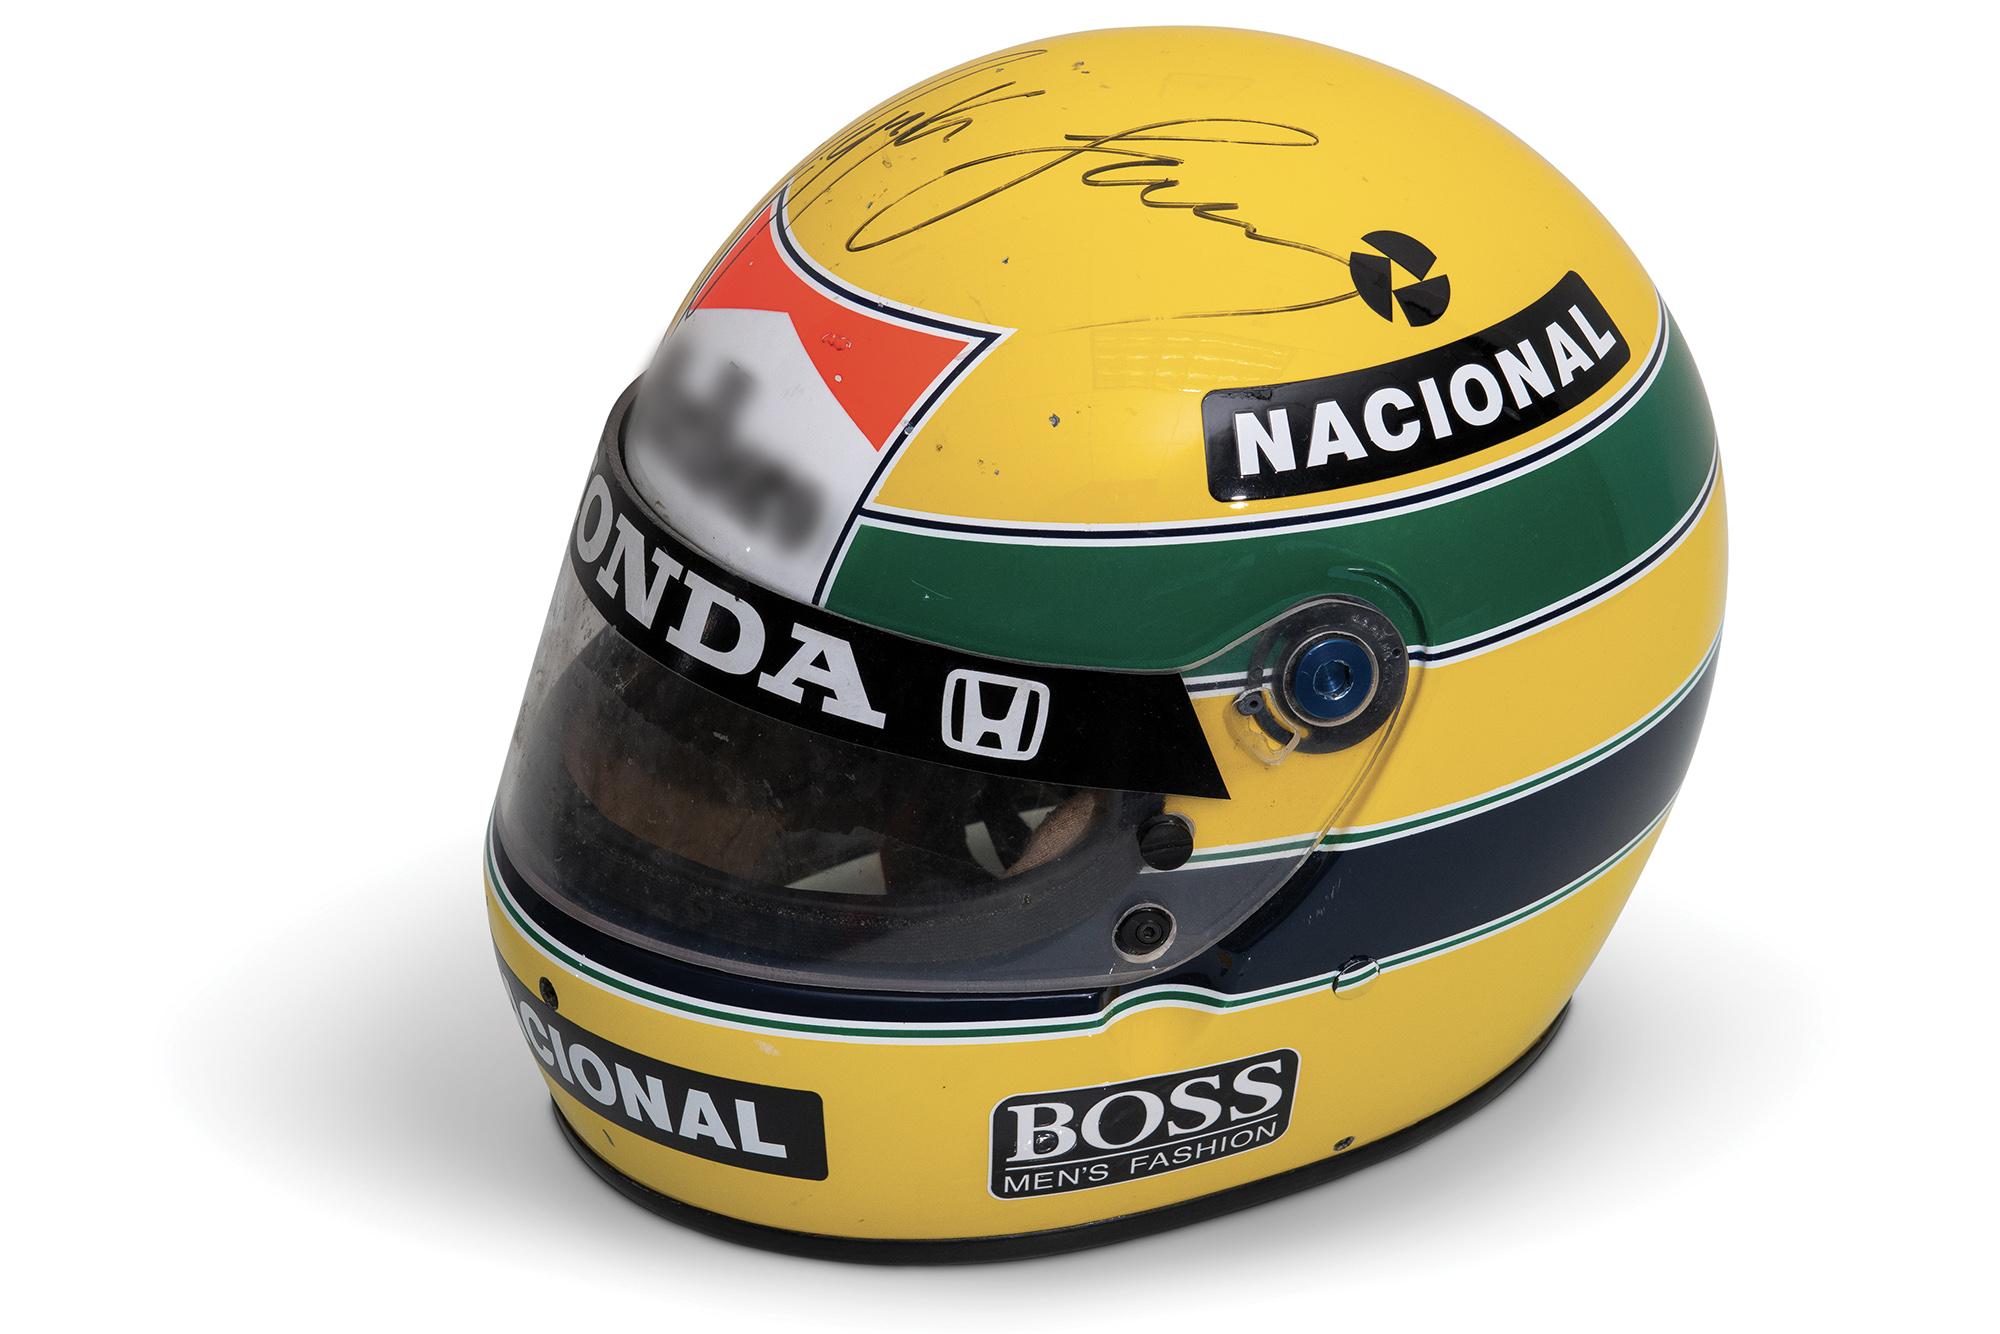 1988 Ayrton Senna helmet sold for $102,000 auction in December 2019